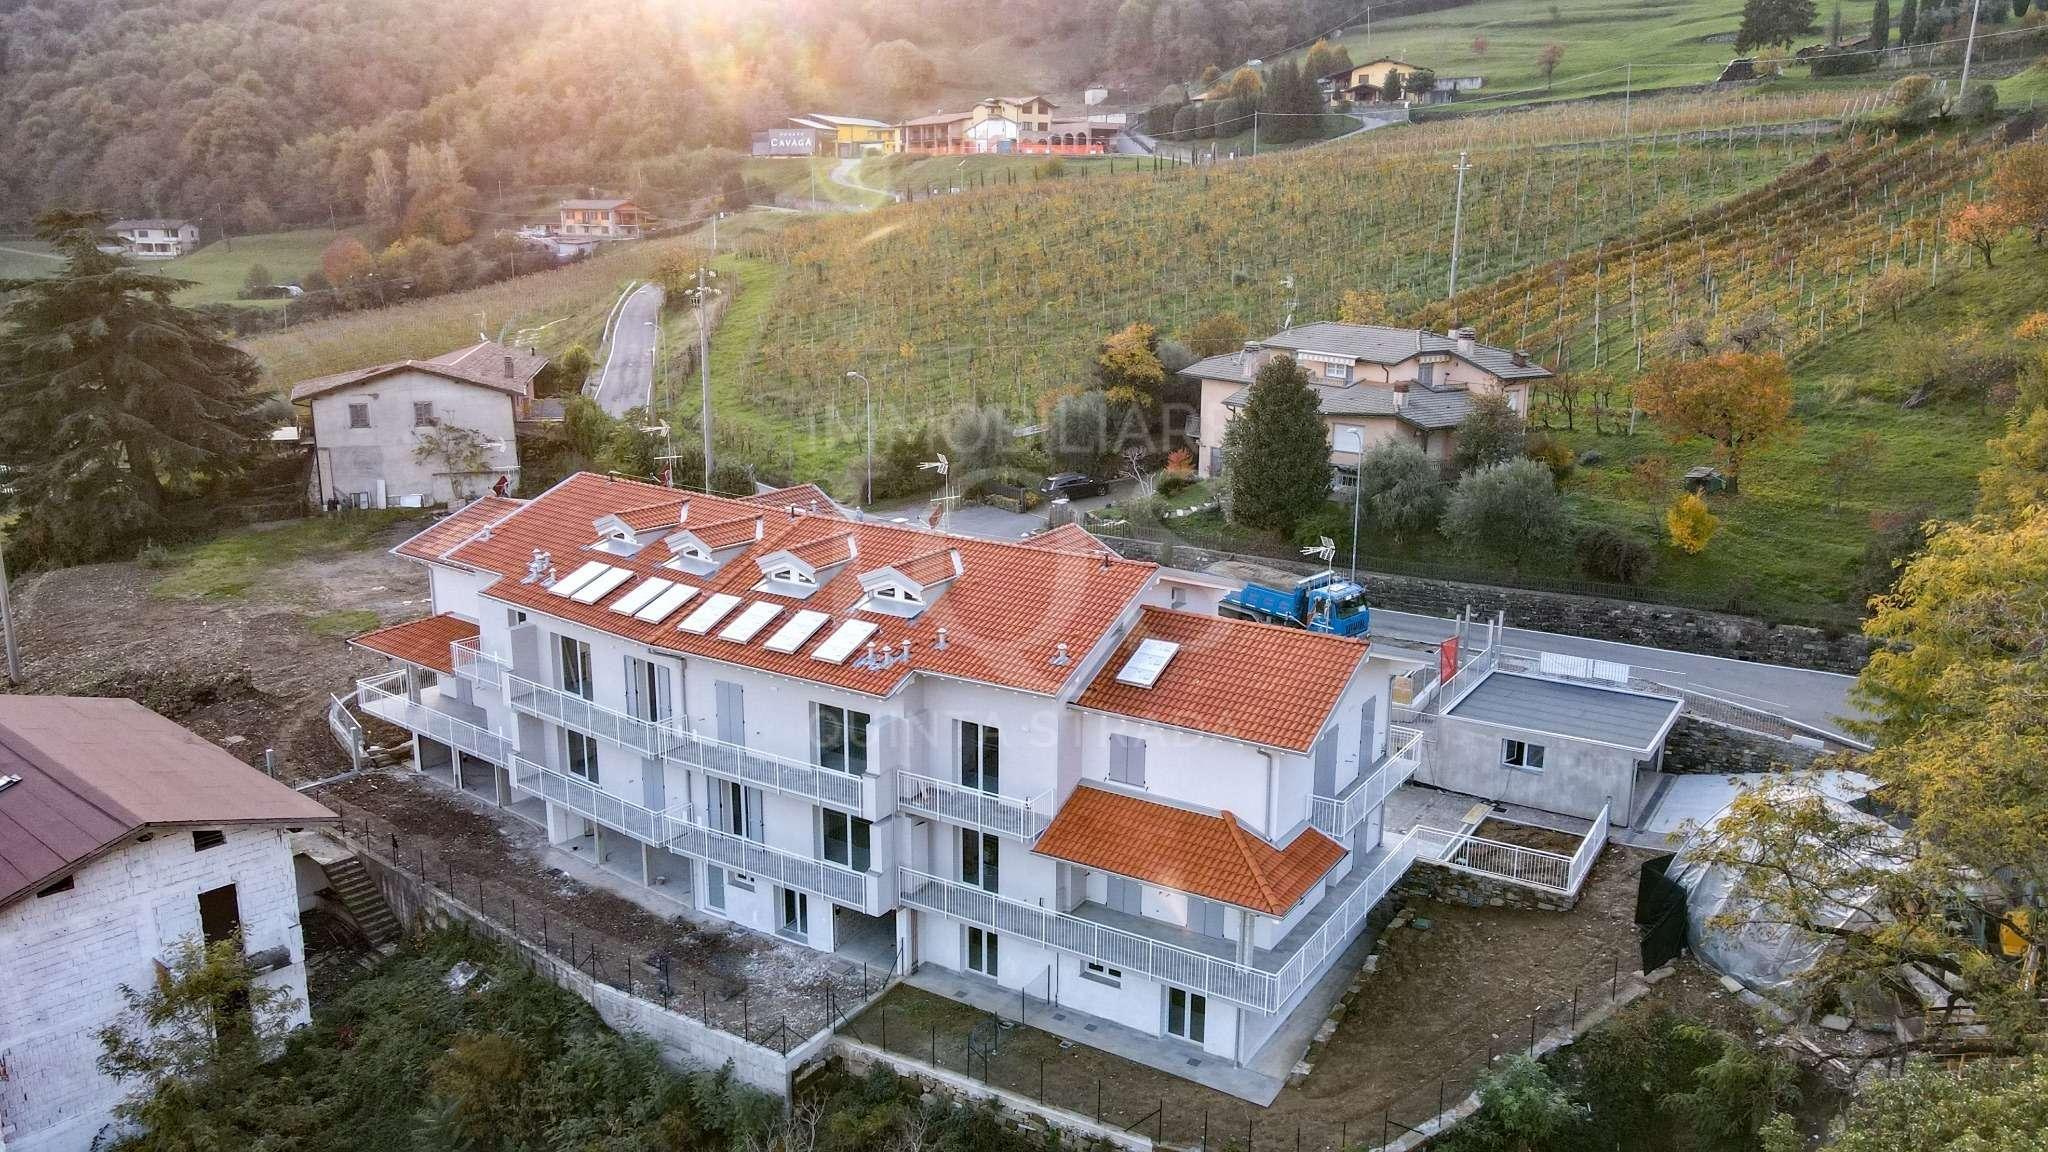 Appartamento in vendita a Foresto Sparso, 3 locali, prezzo € 127.000 | PortaleAgenzieImmobiliari.it